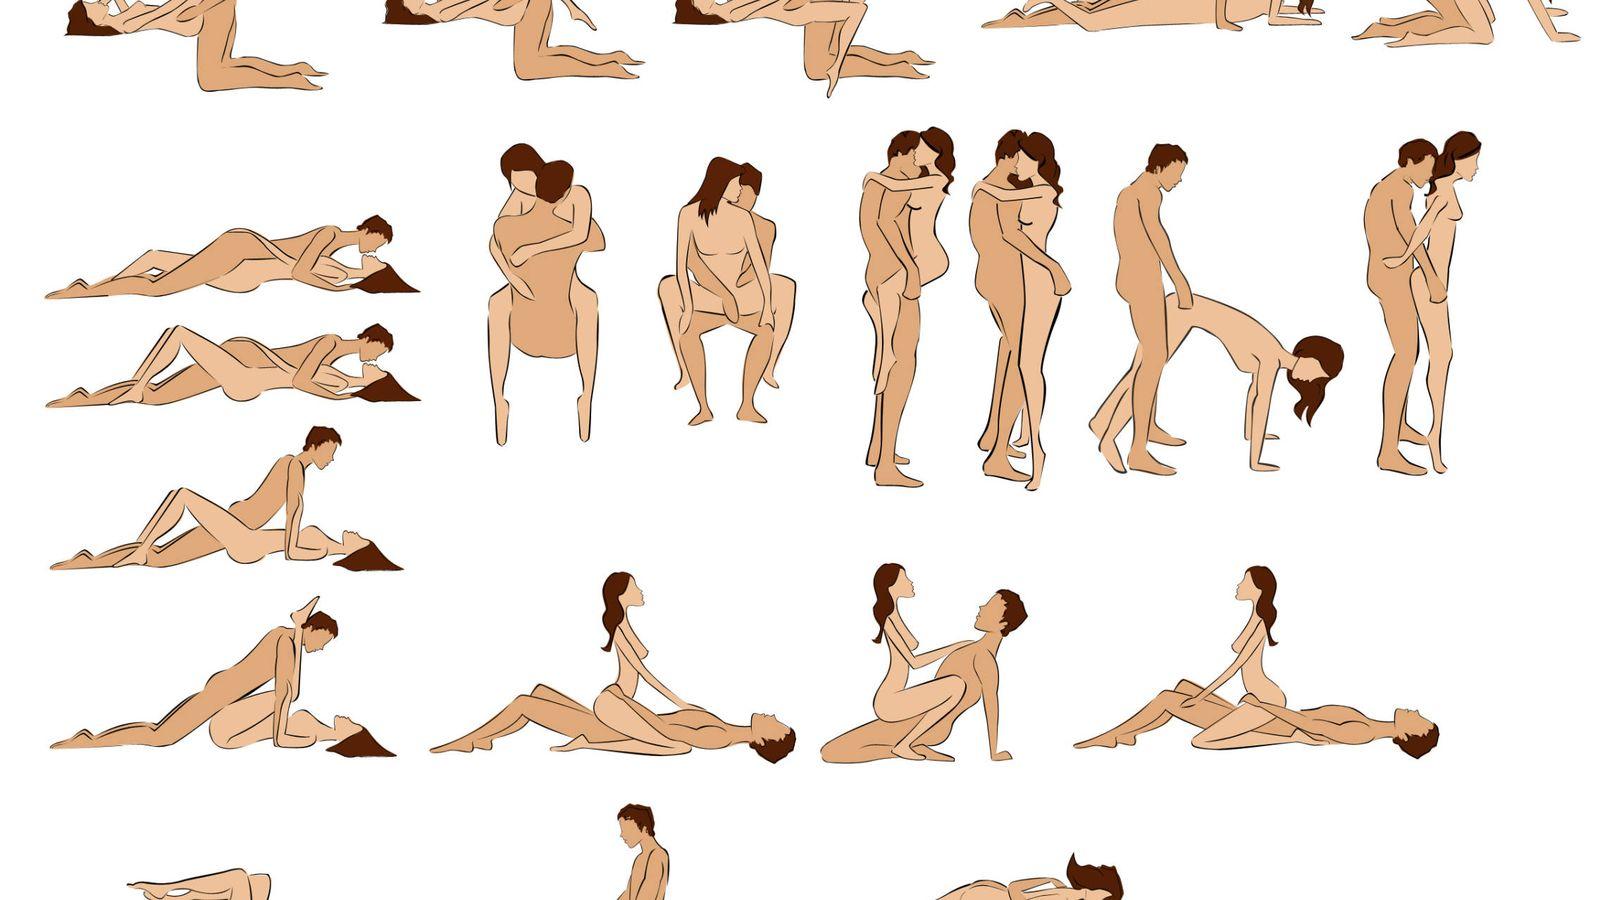 fotos de diferentes posiciones sexuales